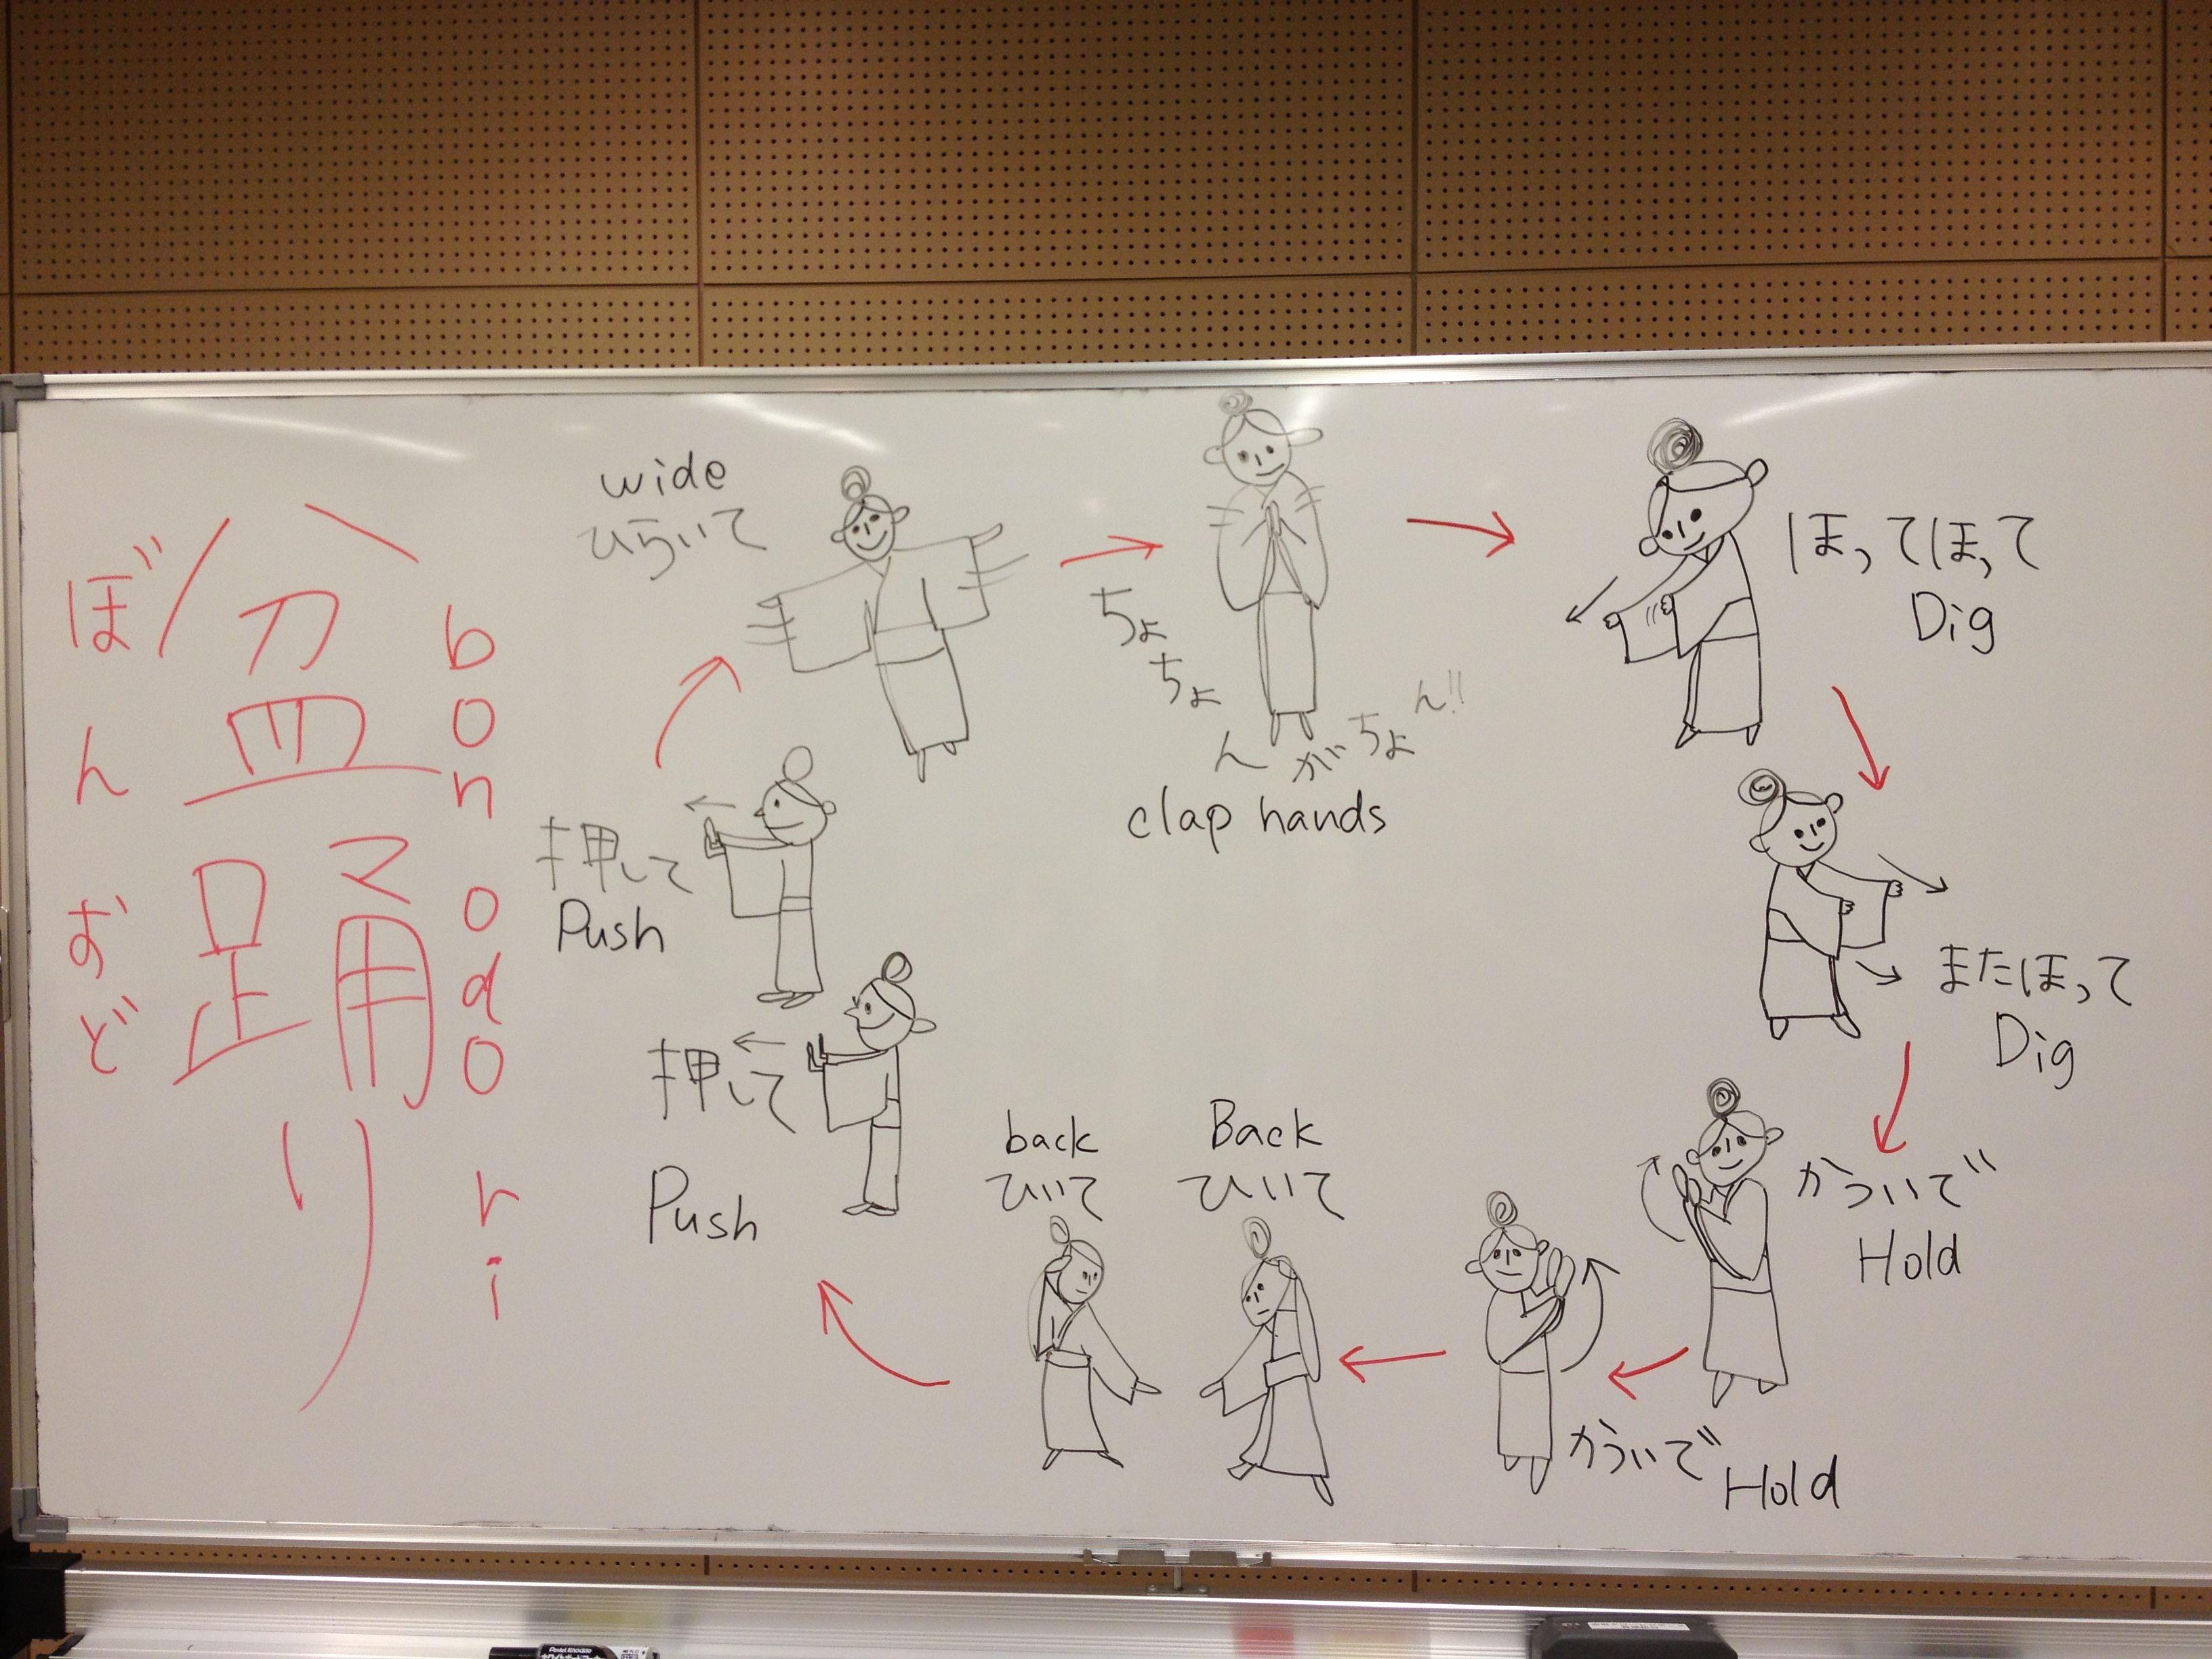 Wearing Yukata and learn Bon Dance (summer festival dance in Japan) Class https://www.facebook.com/FieldTripPlus